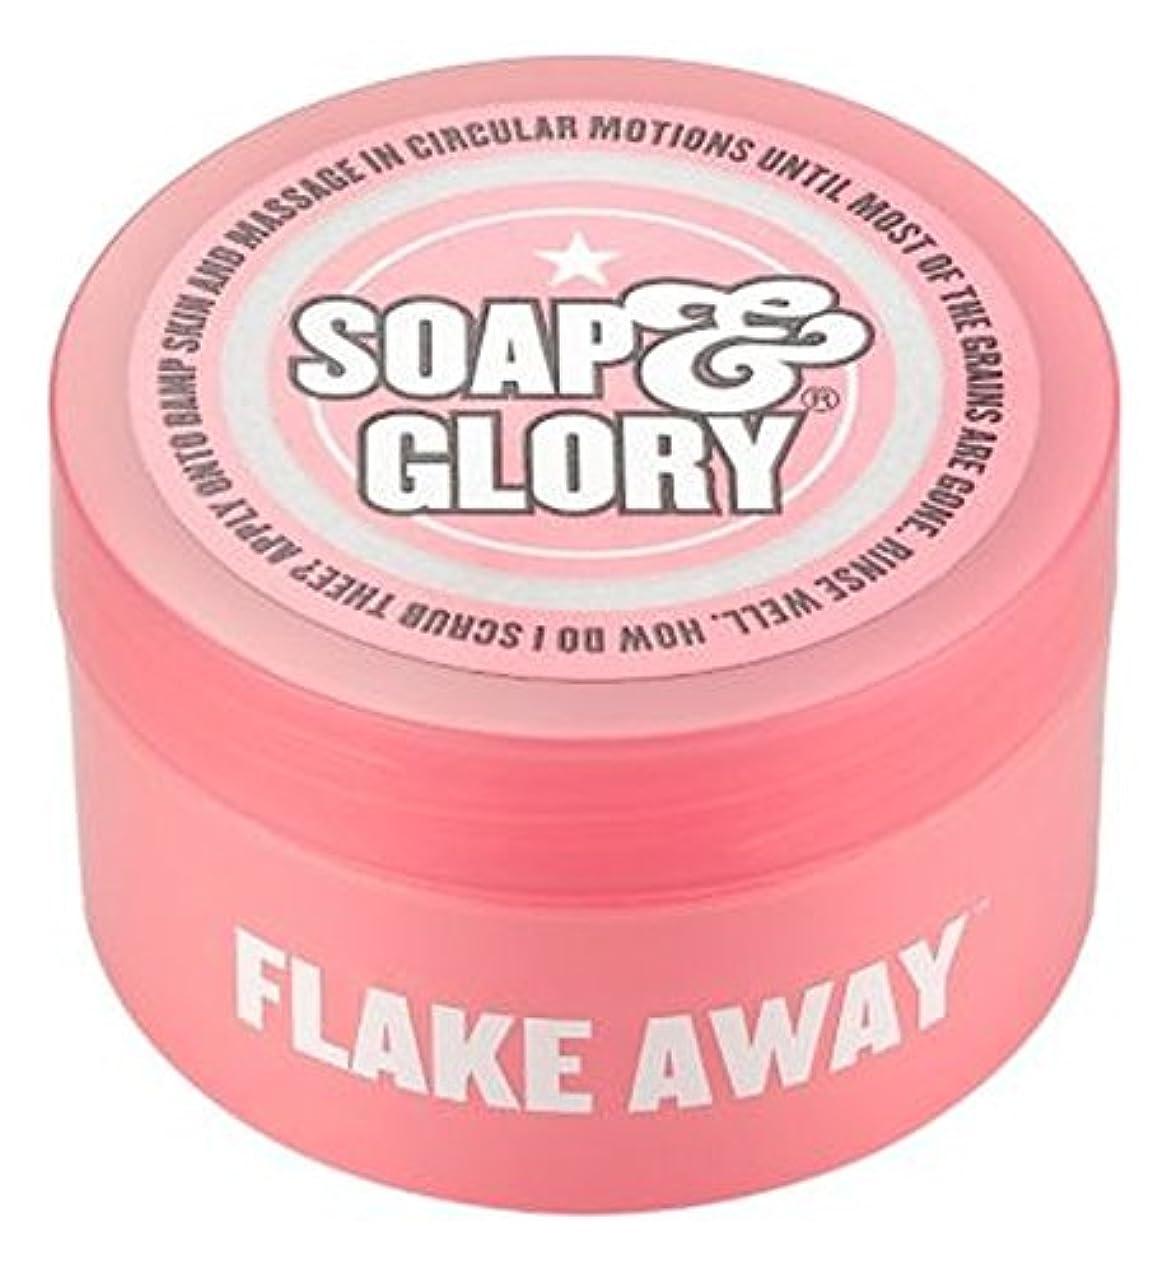 差別する誘惑バトル石鹸&栄光トラベルサイズのフレーク離れ?ボディスクラブ50ミリリットル (Soap & Glory) (x2) - Soap & Glory Travel Size Flake Away? Body Scrub 50ml (Pack of 2) [並行輸入品]